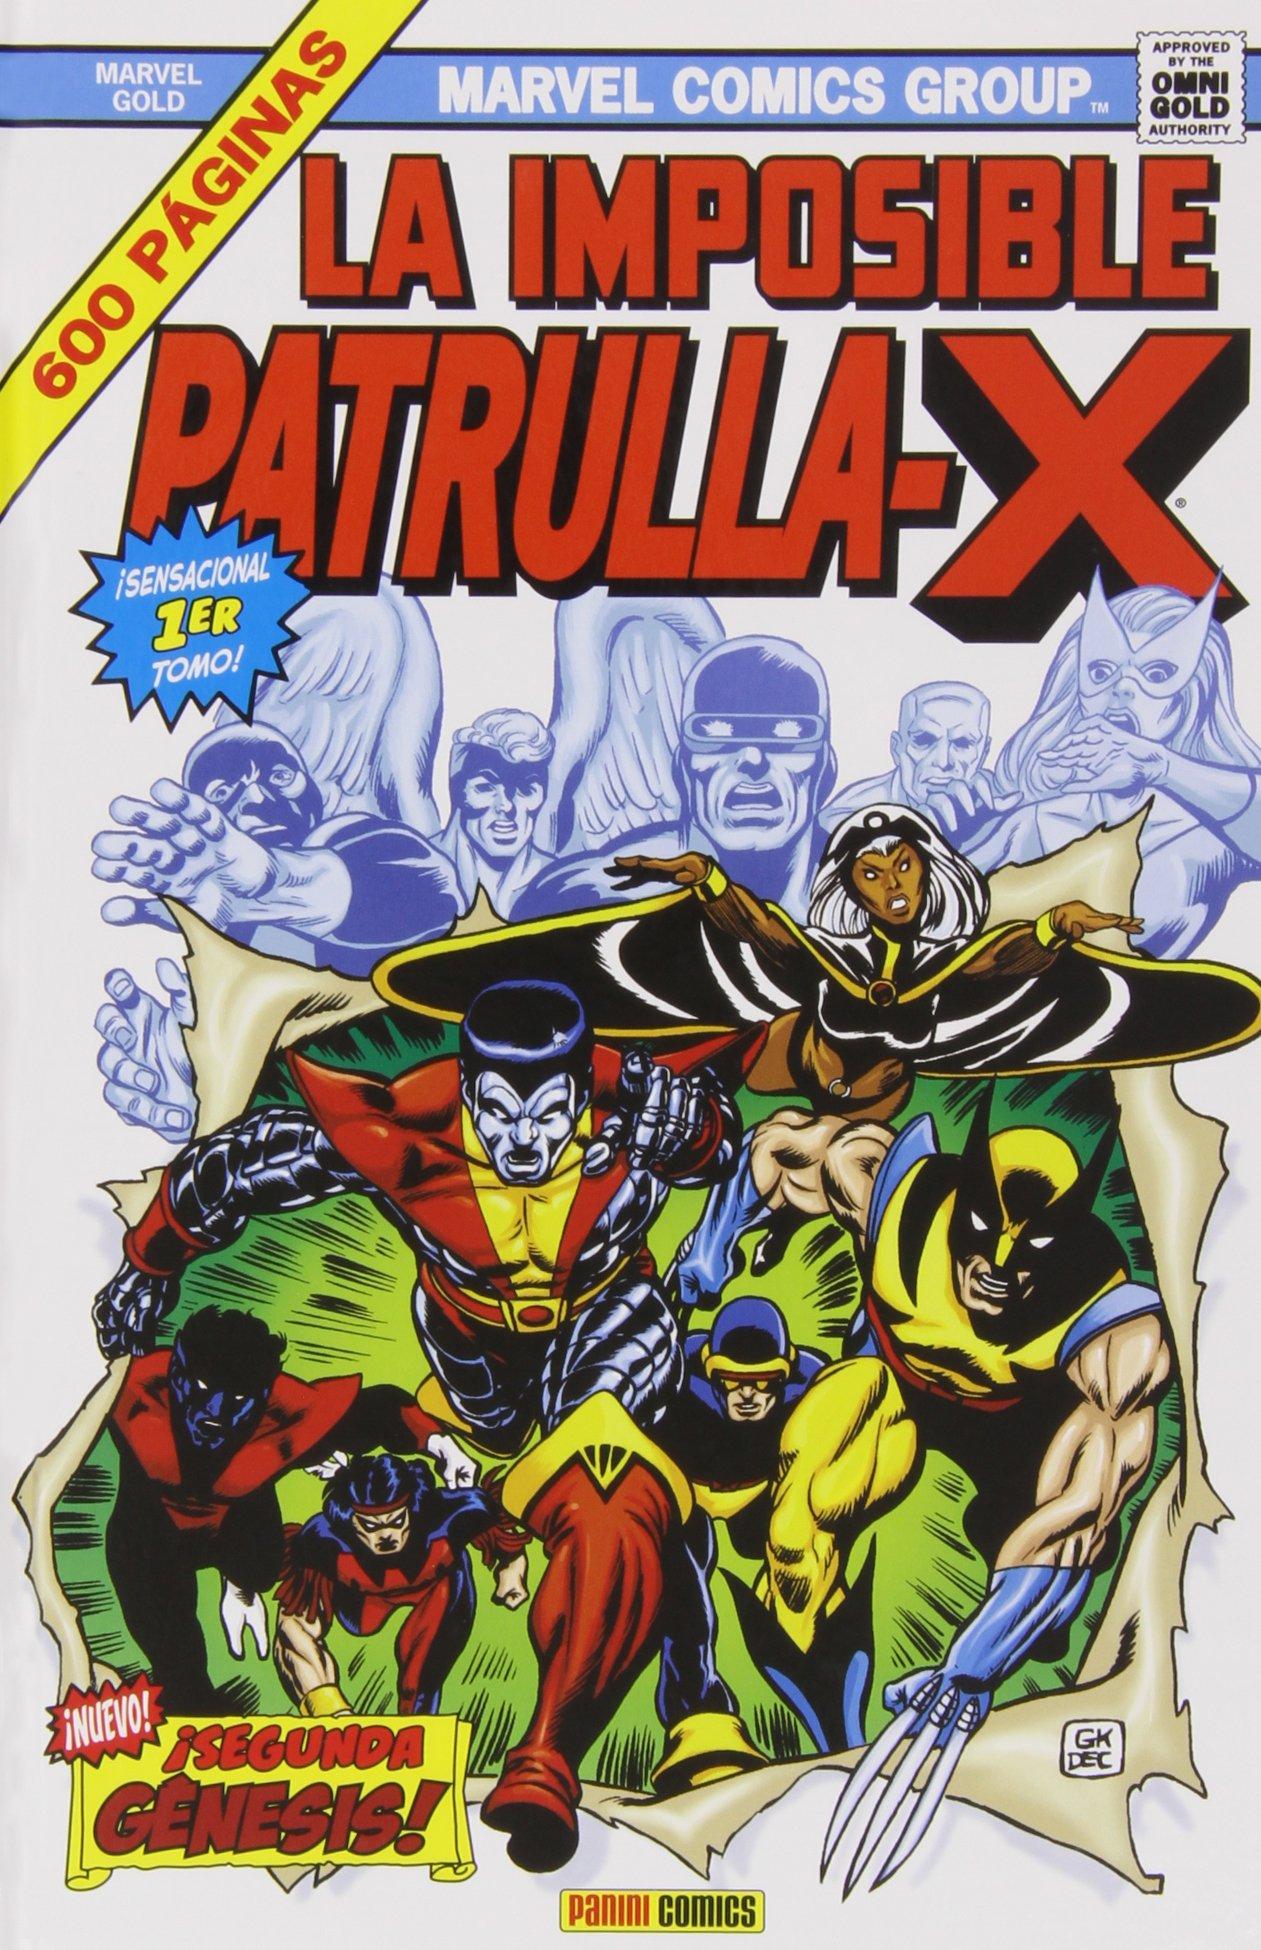 La Imposible Patrulla-X 1. ¡Segunda Génesis! Gold - Imposible Patrulla X:  Amazon.es: Chris Claremont; John Byrne: Libros